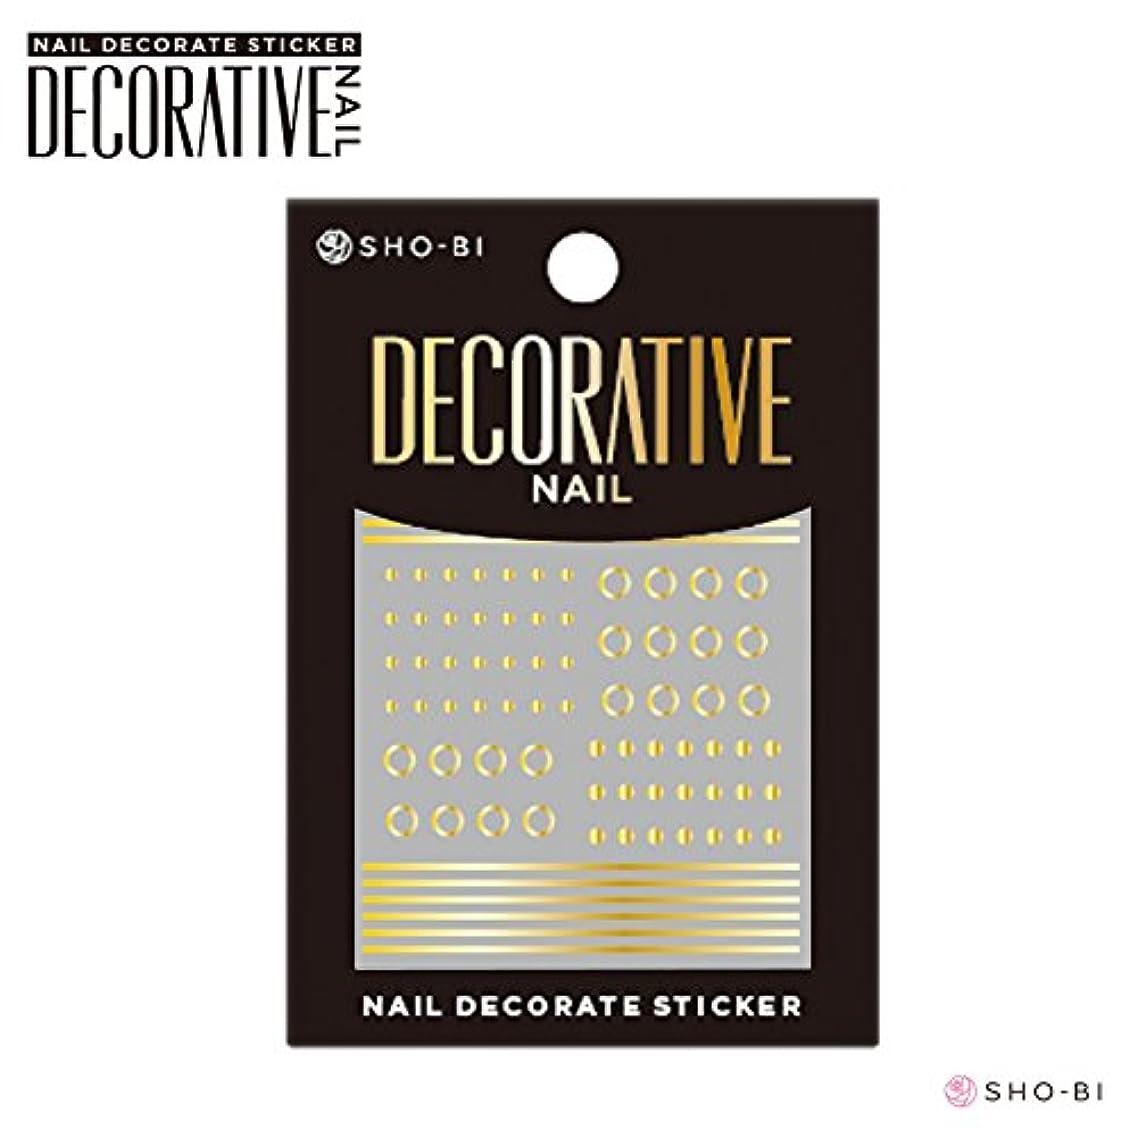 再生クラス補うDecorative Nail デコラティブネイル9